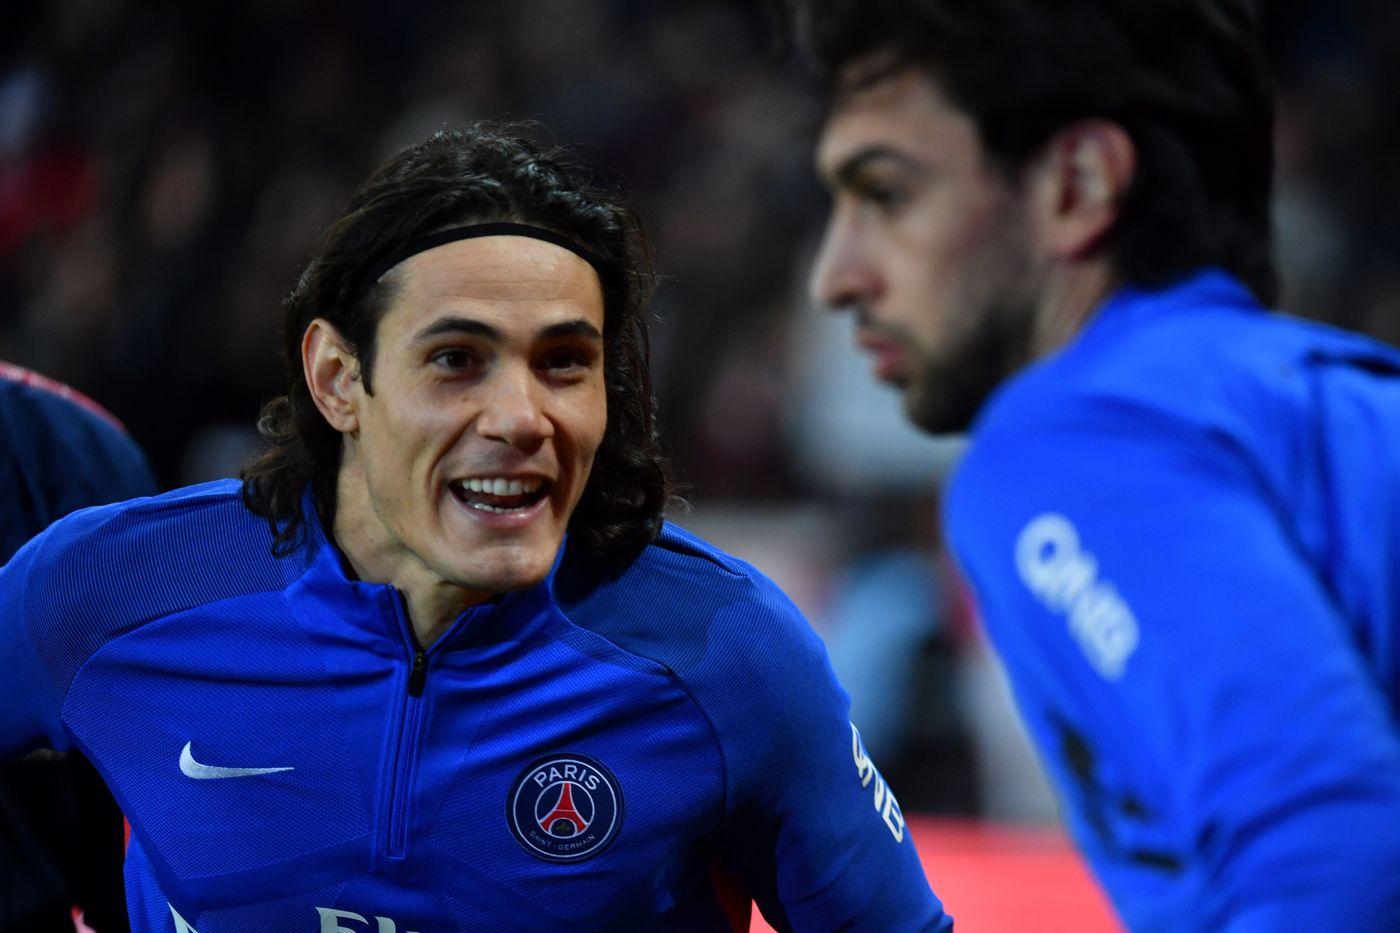 Les Herbiers-Paris SG 8 maggio, analisi e pronostico finale Coppa di Francia